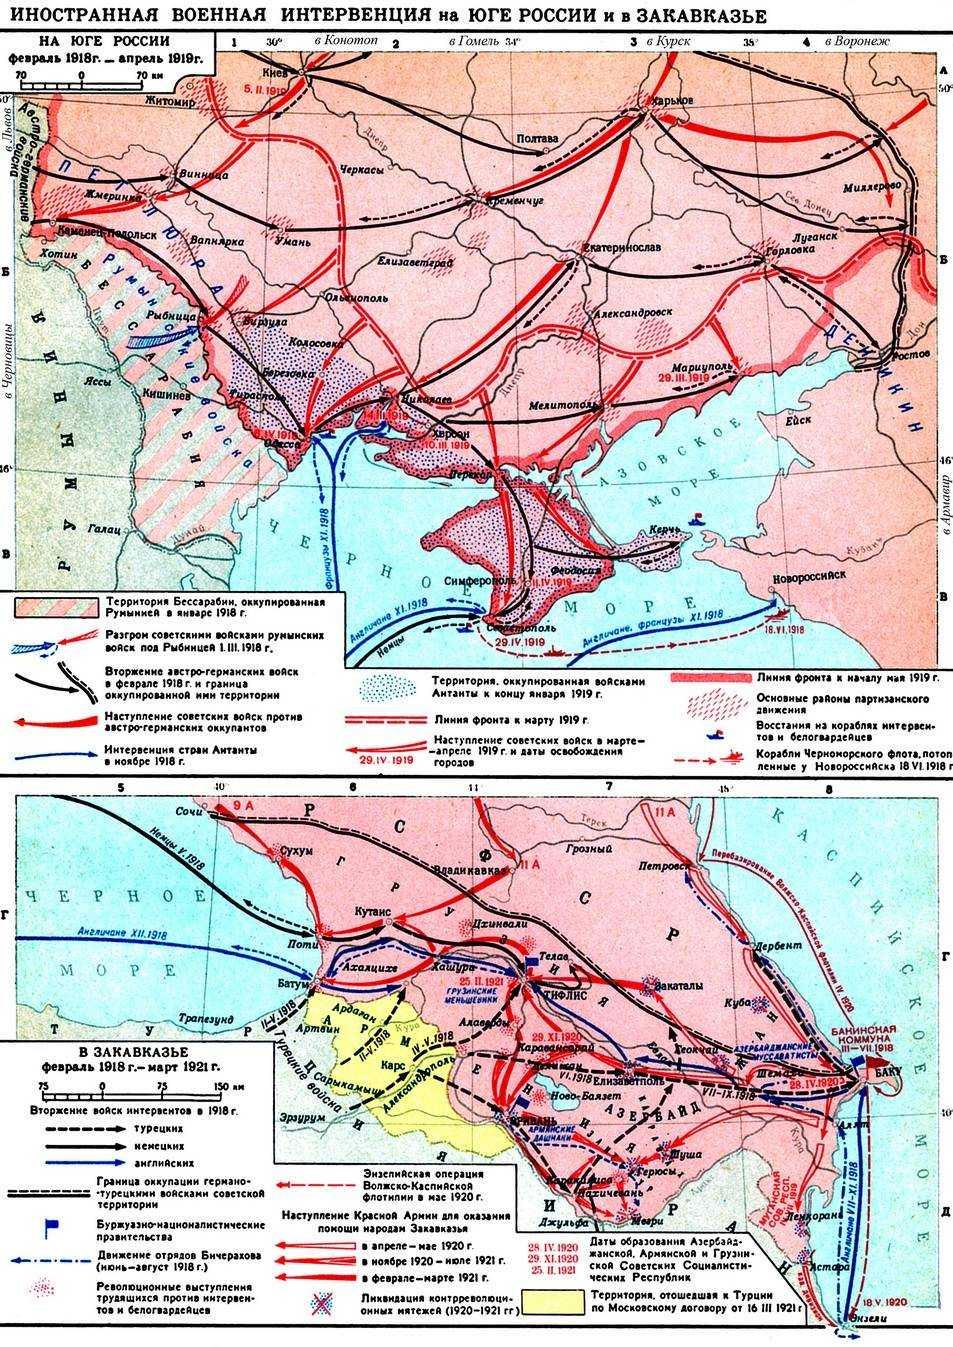 цели иностранной интервенции в гражданской войне